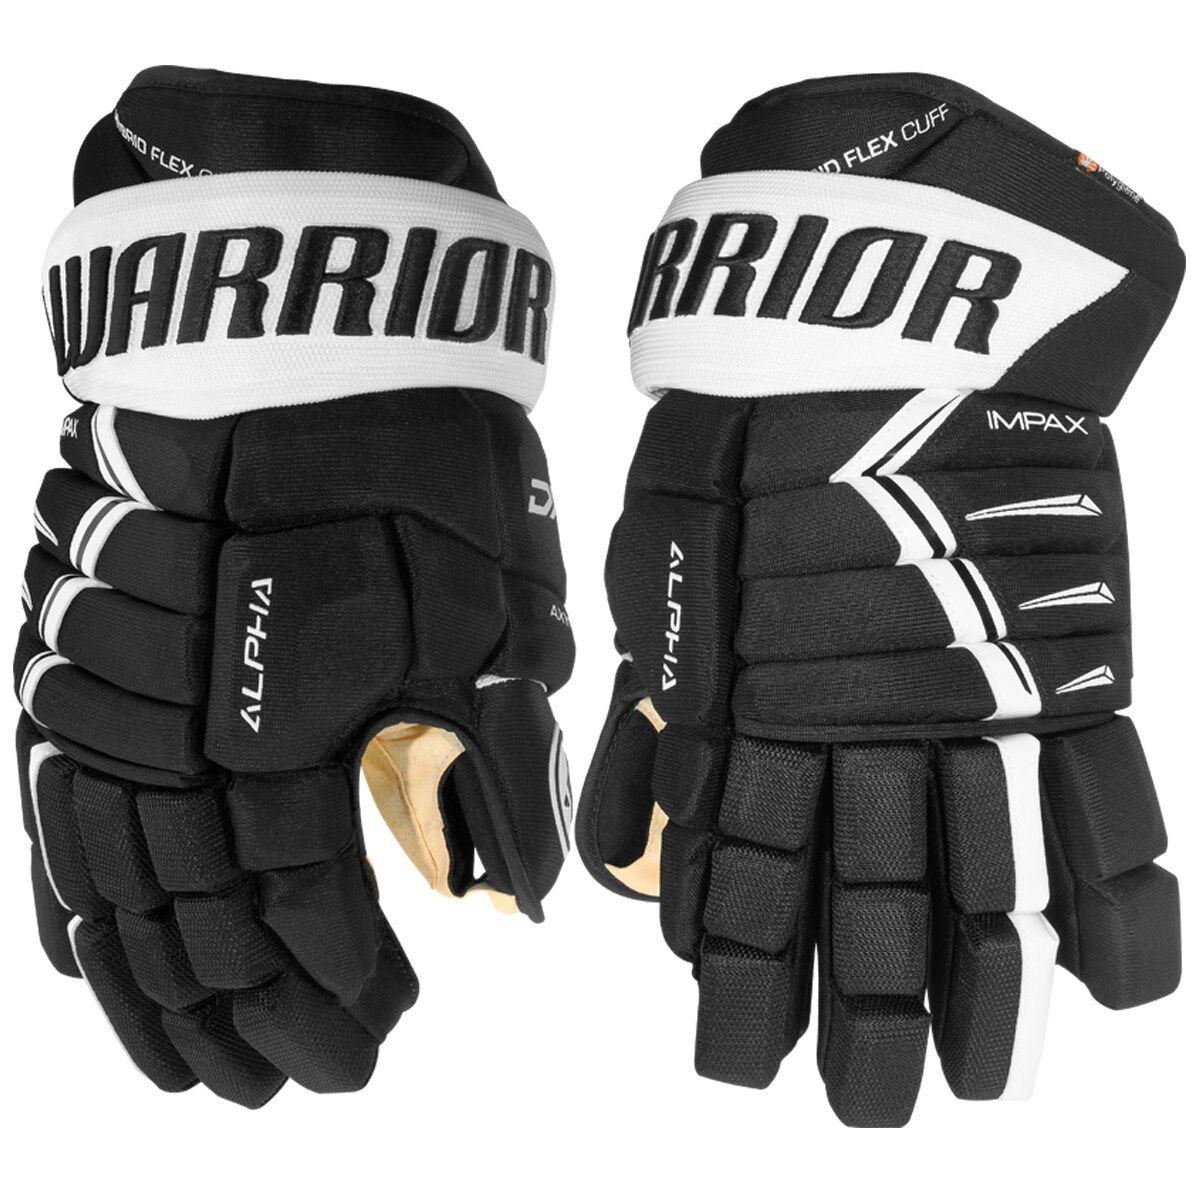 Warrior Alpha DX Pro JR jääkiekkohanskat